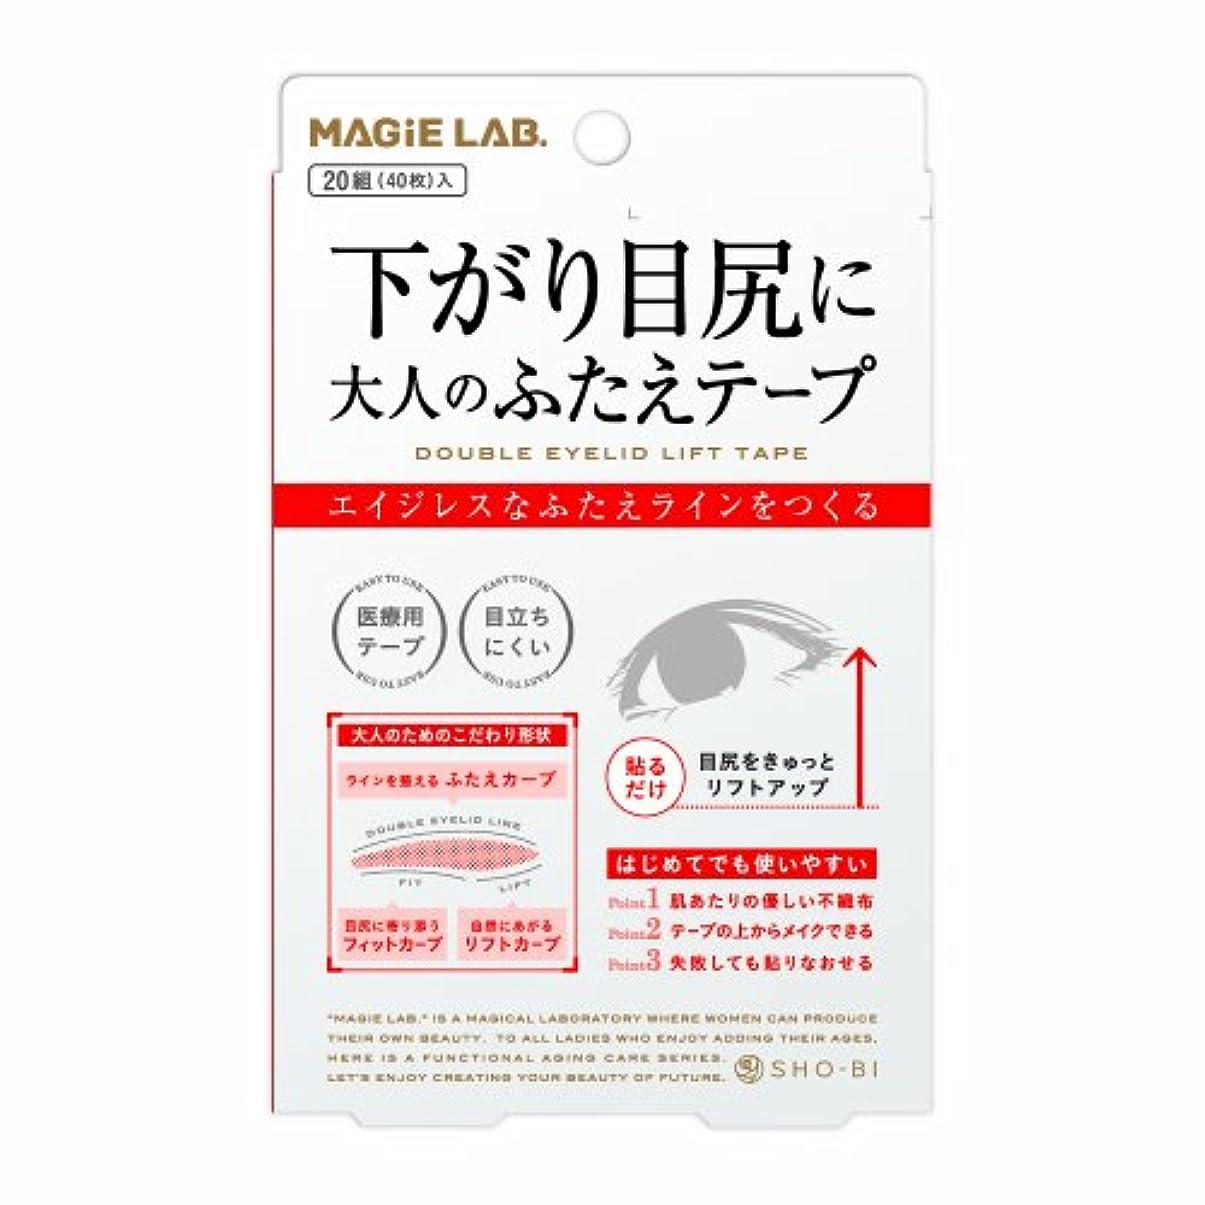 戸棚ショート性格MG22105 下がり目尻に 大人のふたえープ 20組40枚入 整形テープ マジラボ MAGiE LAB.